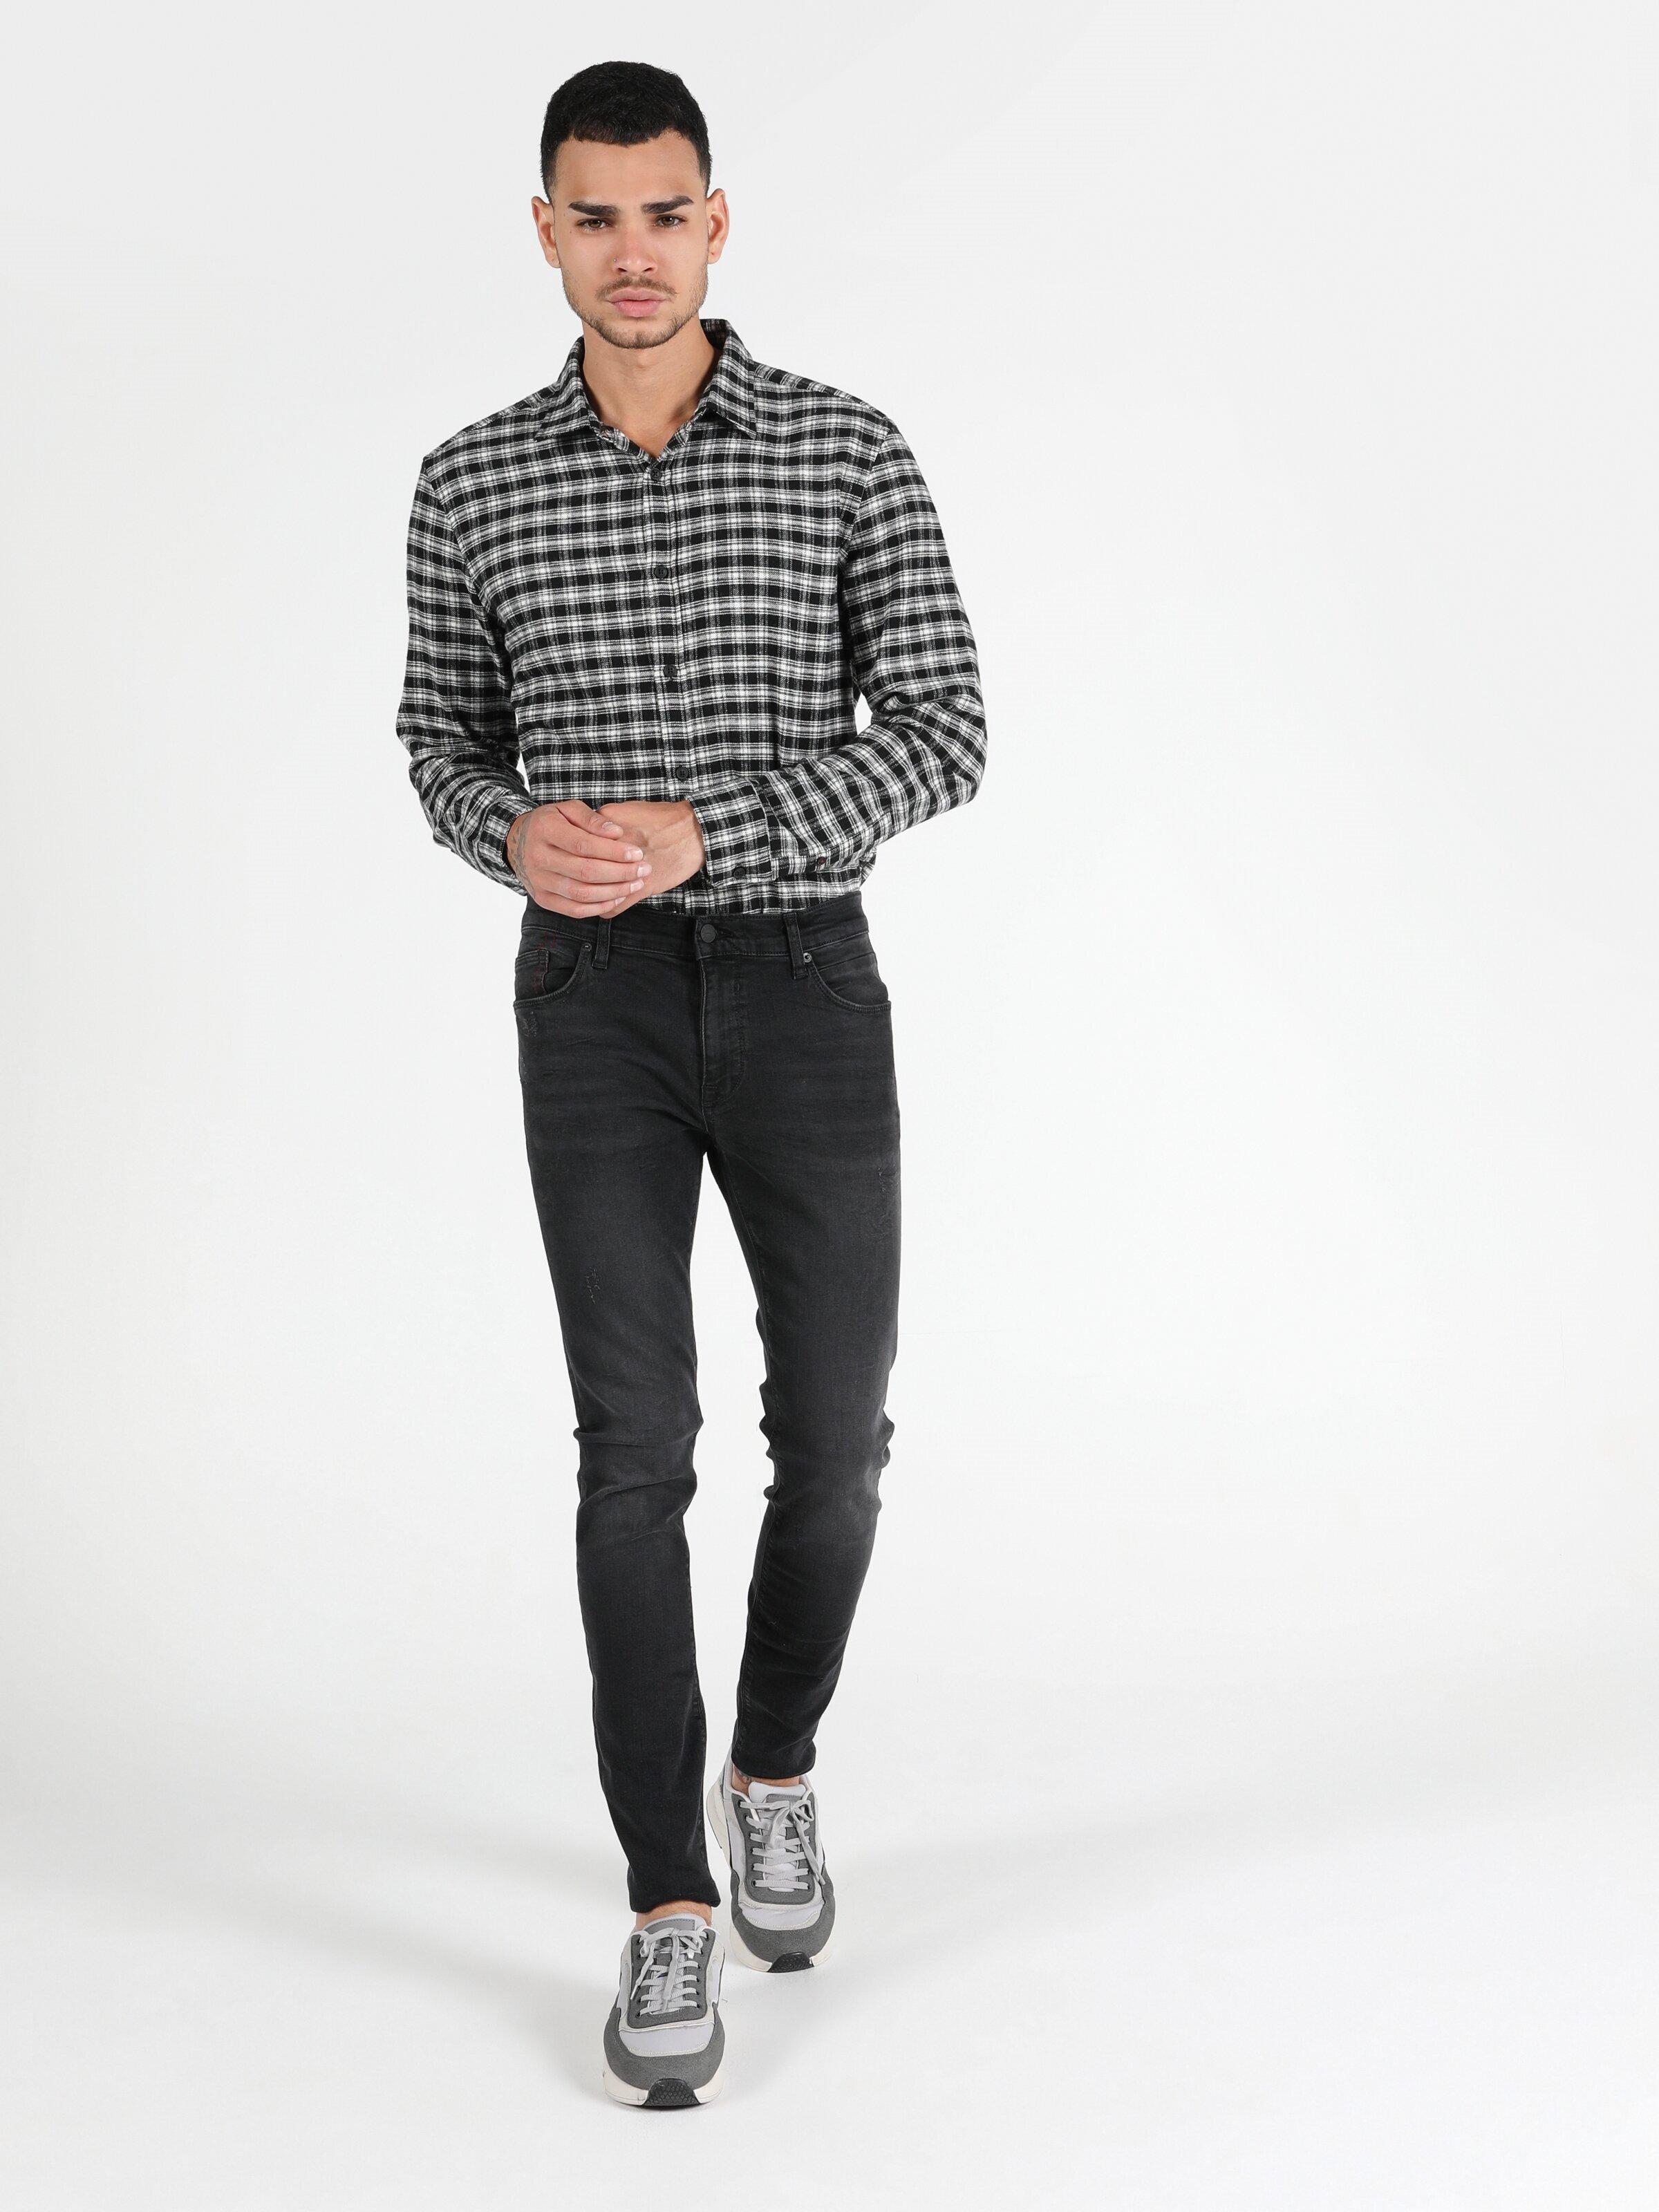 040 Alex Düşük Bel Dar Paça Skinny Fit Mavi Erkek Jean Pantolon